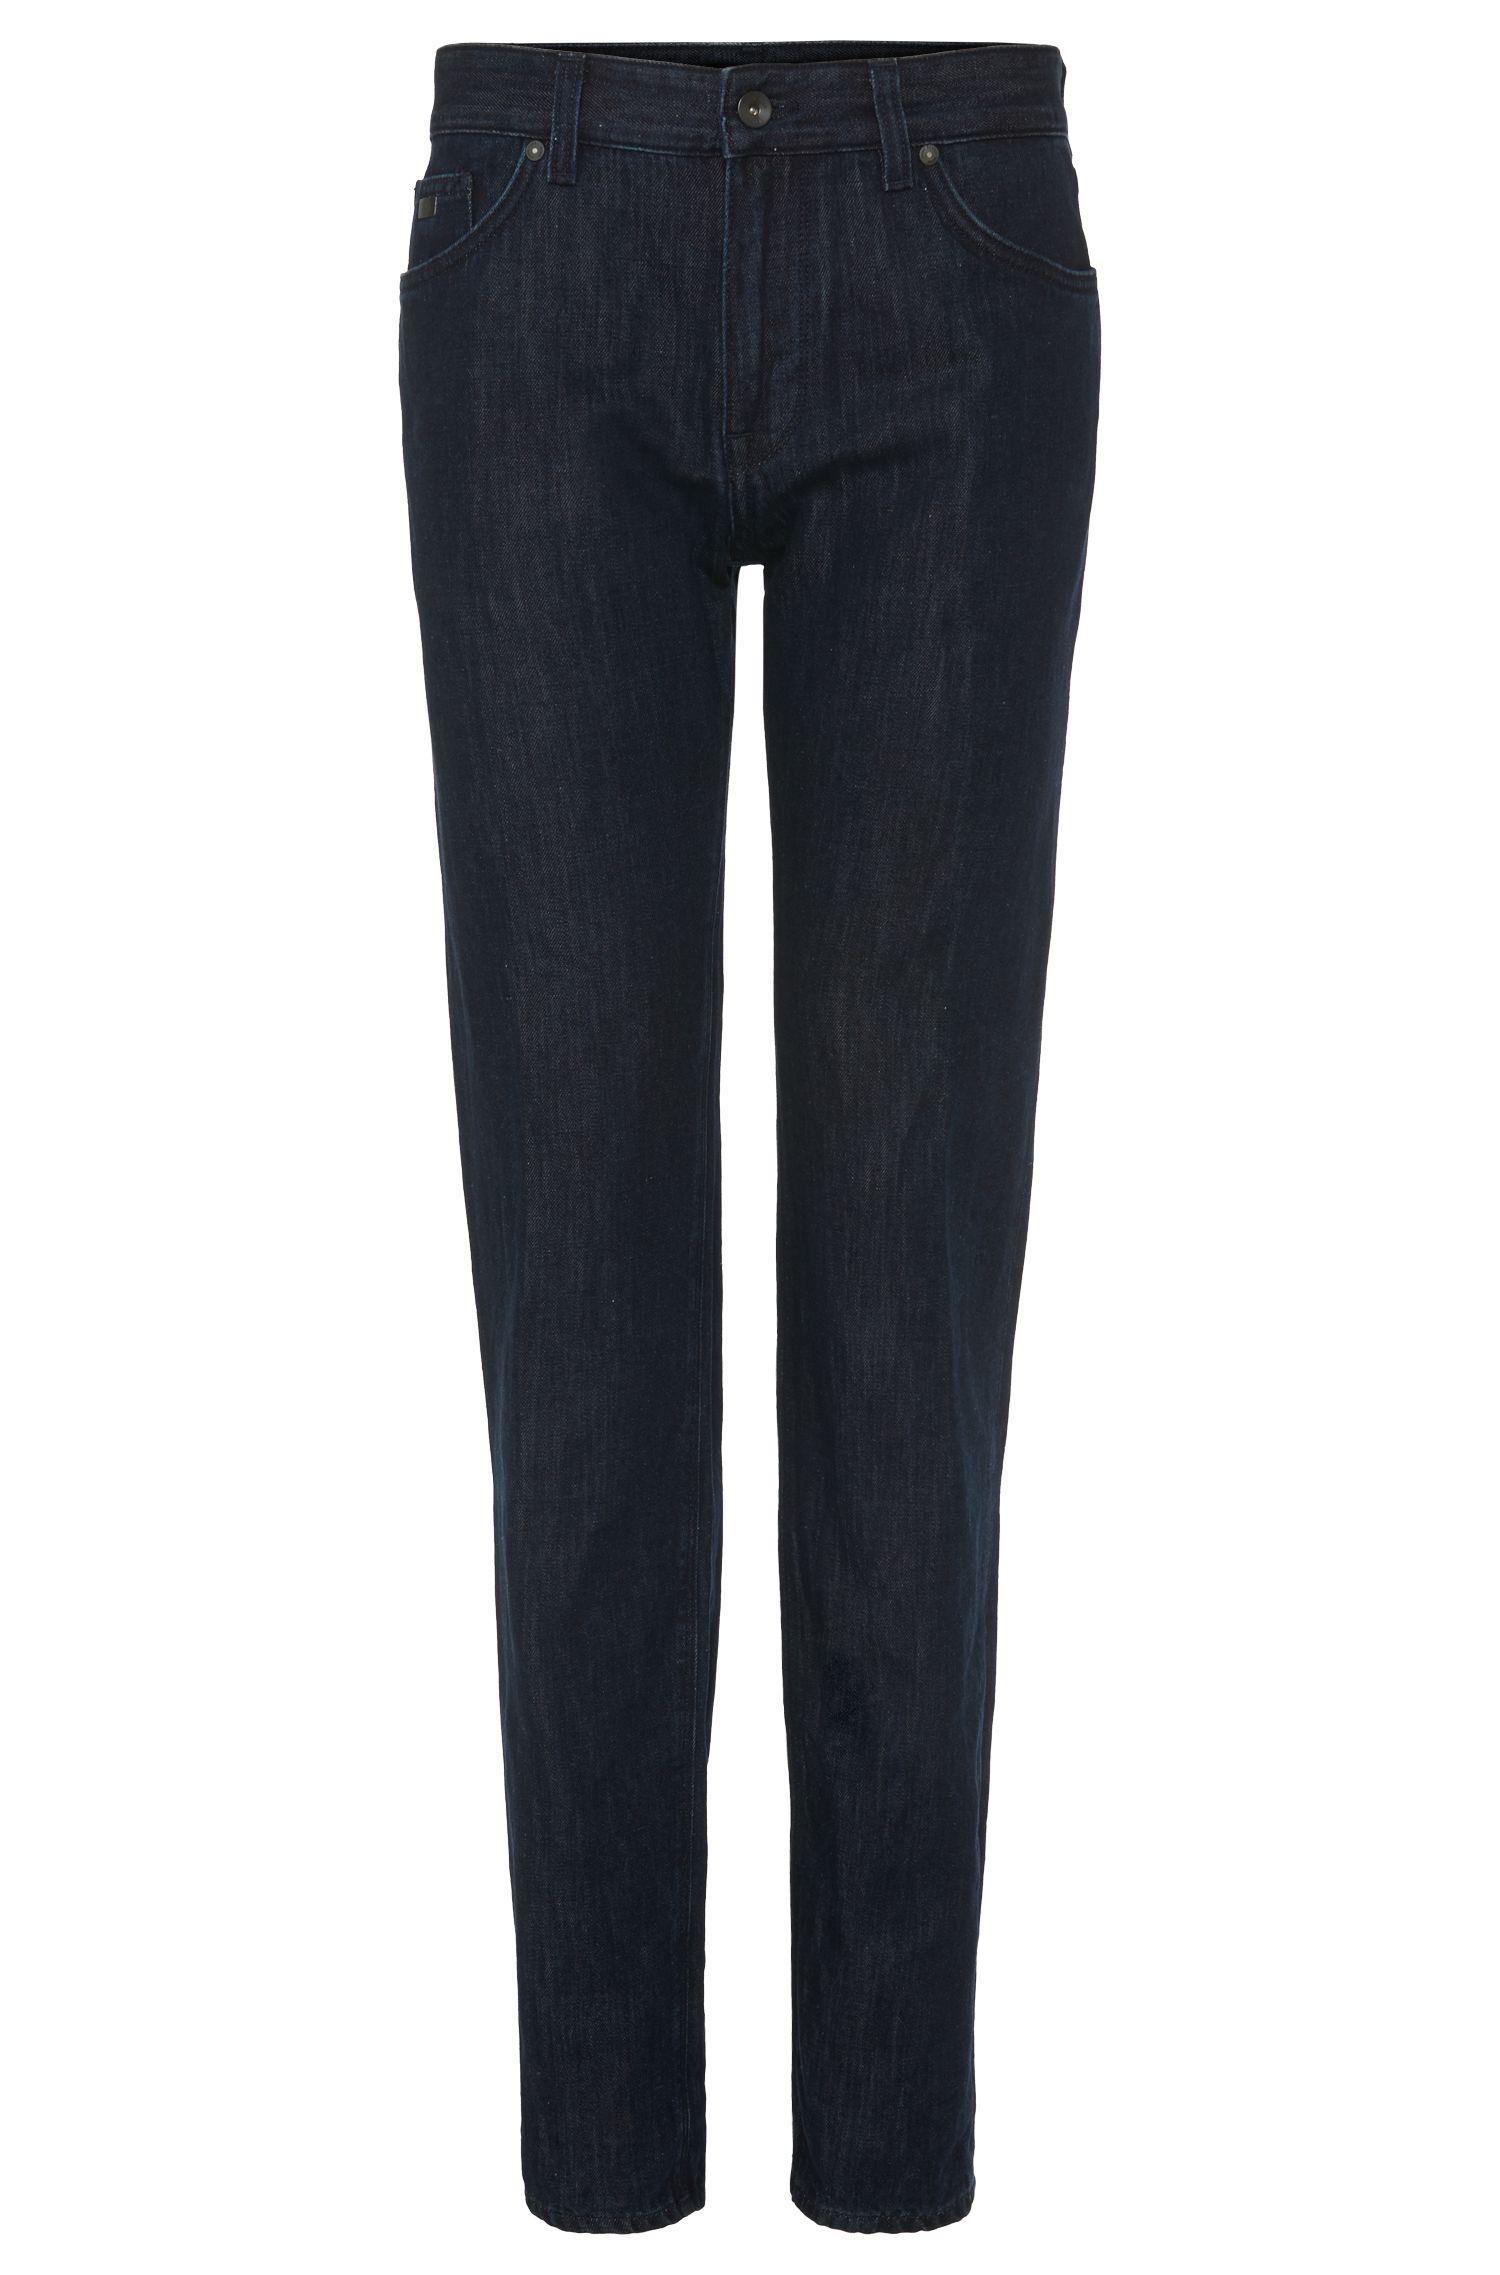 'Maine' | Regular Fit, 9.25 oz Cotton Linen Jeans